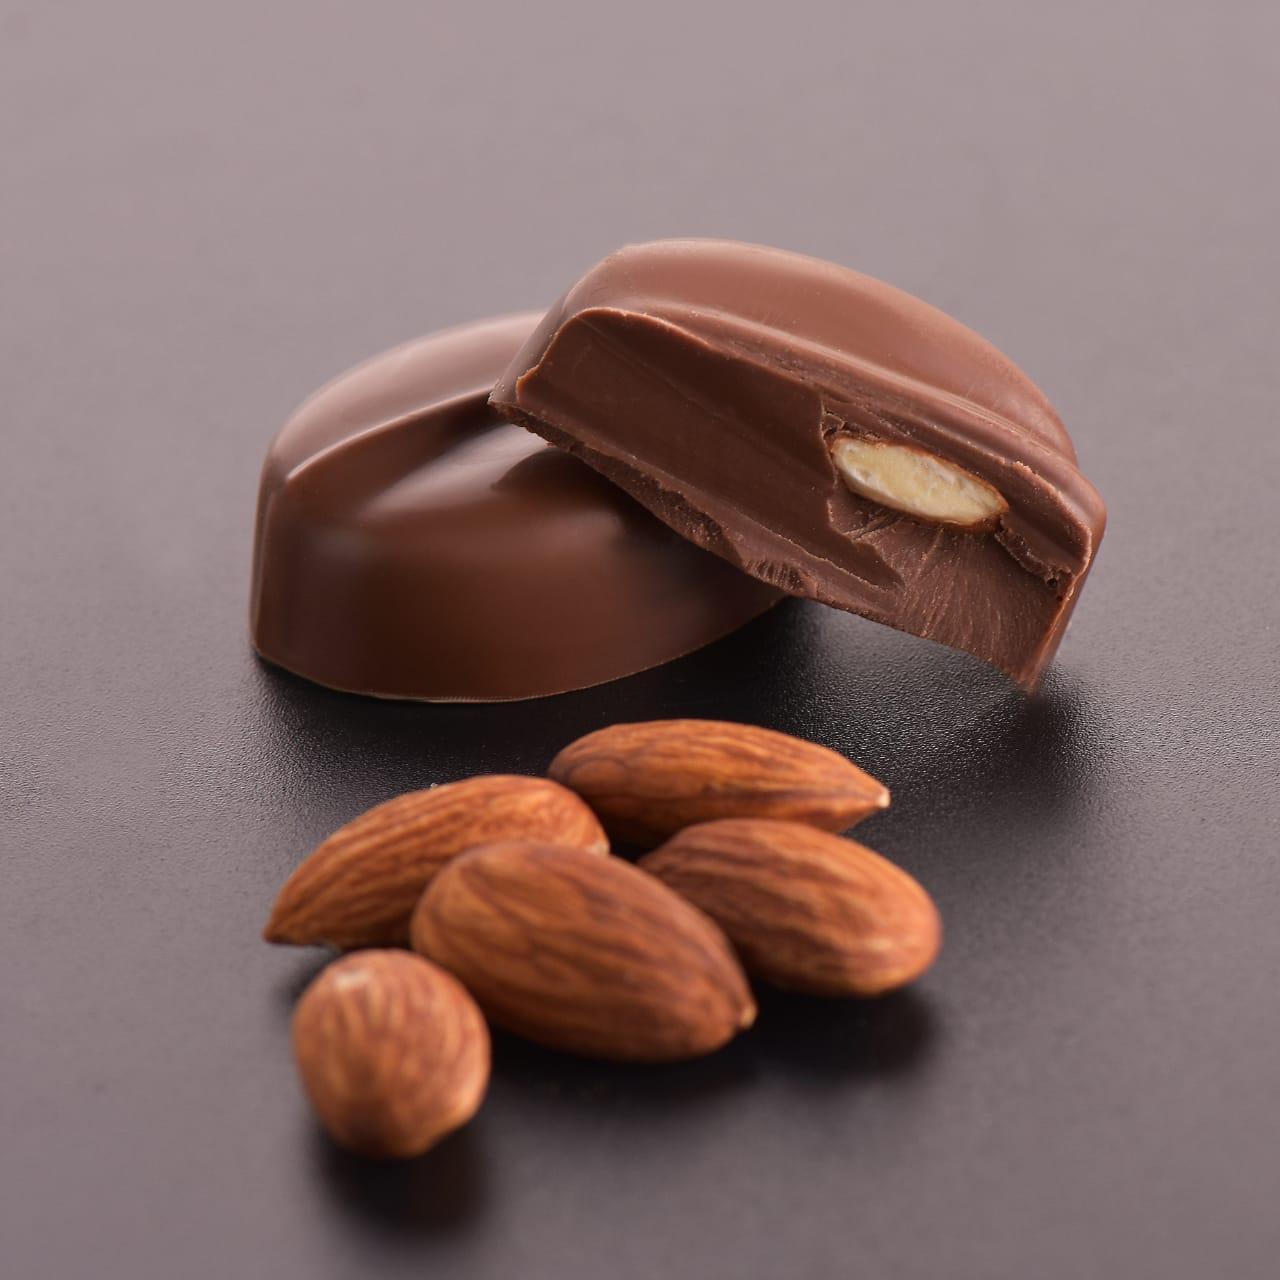 صورة جديد حلويات اللوز , طريقة جديدة و رائعة لحلوى اللوز